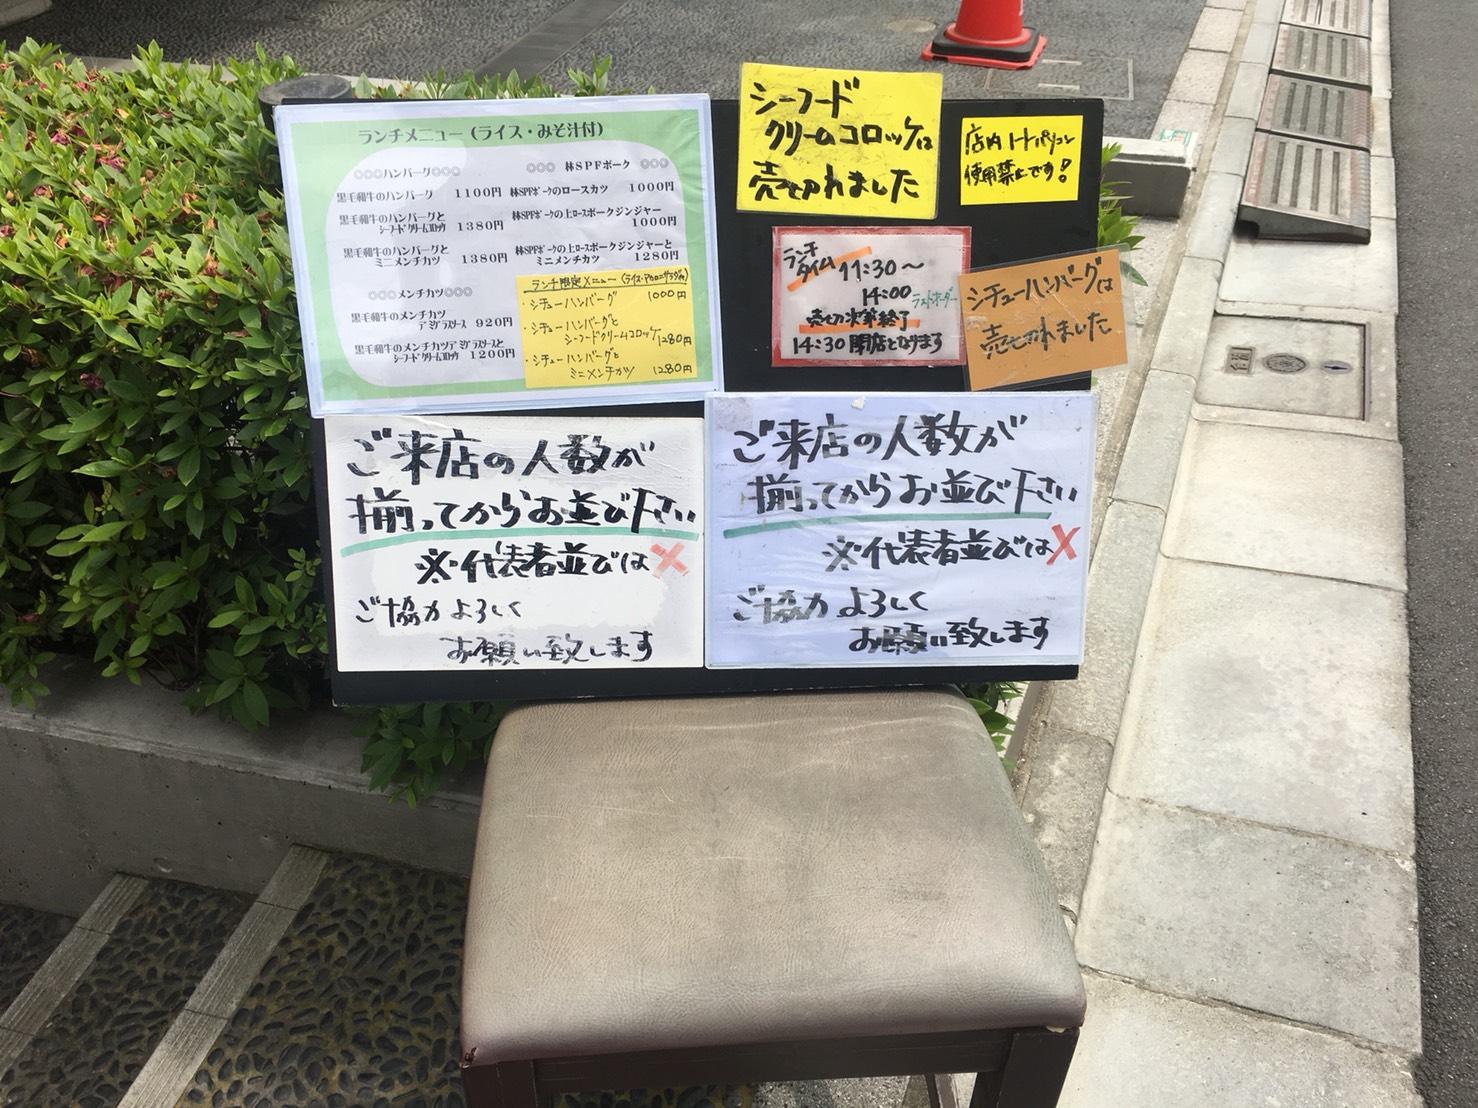 【池袋駅】絶品ハンバーグを求めて「UCHOUTEN(ウチョウテン)」の店前看板